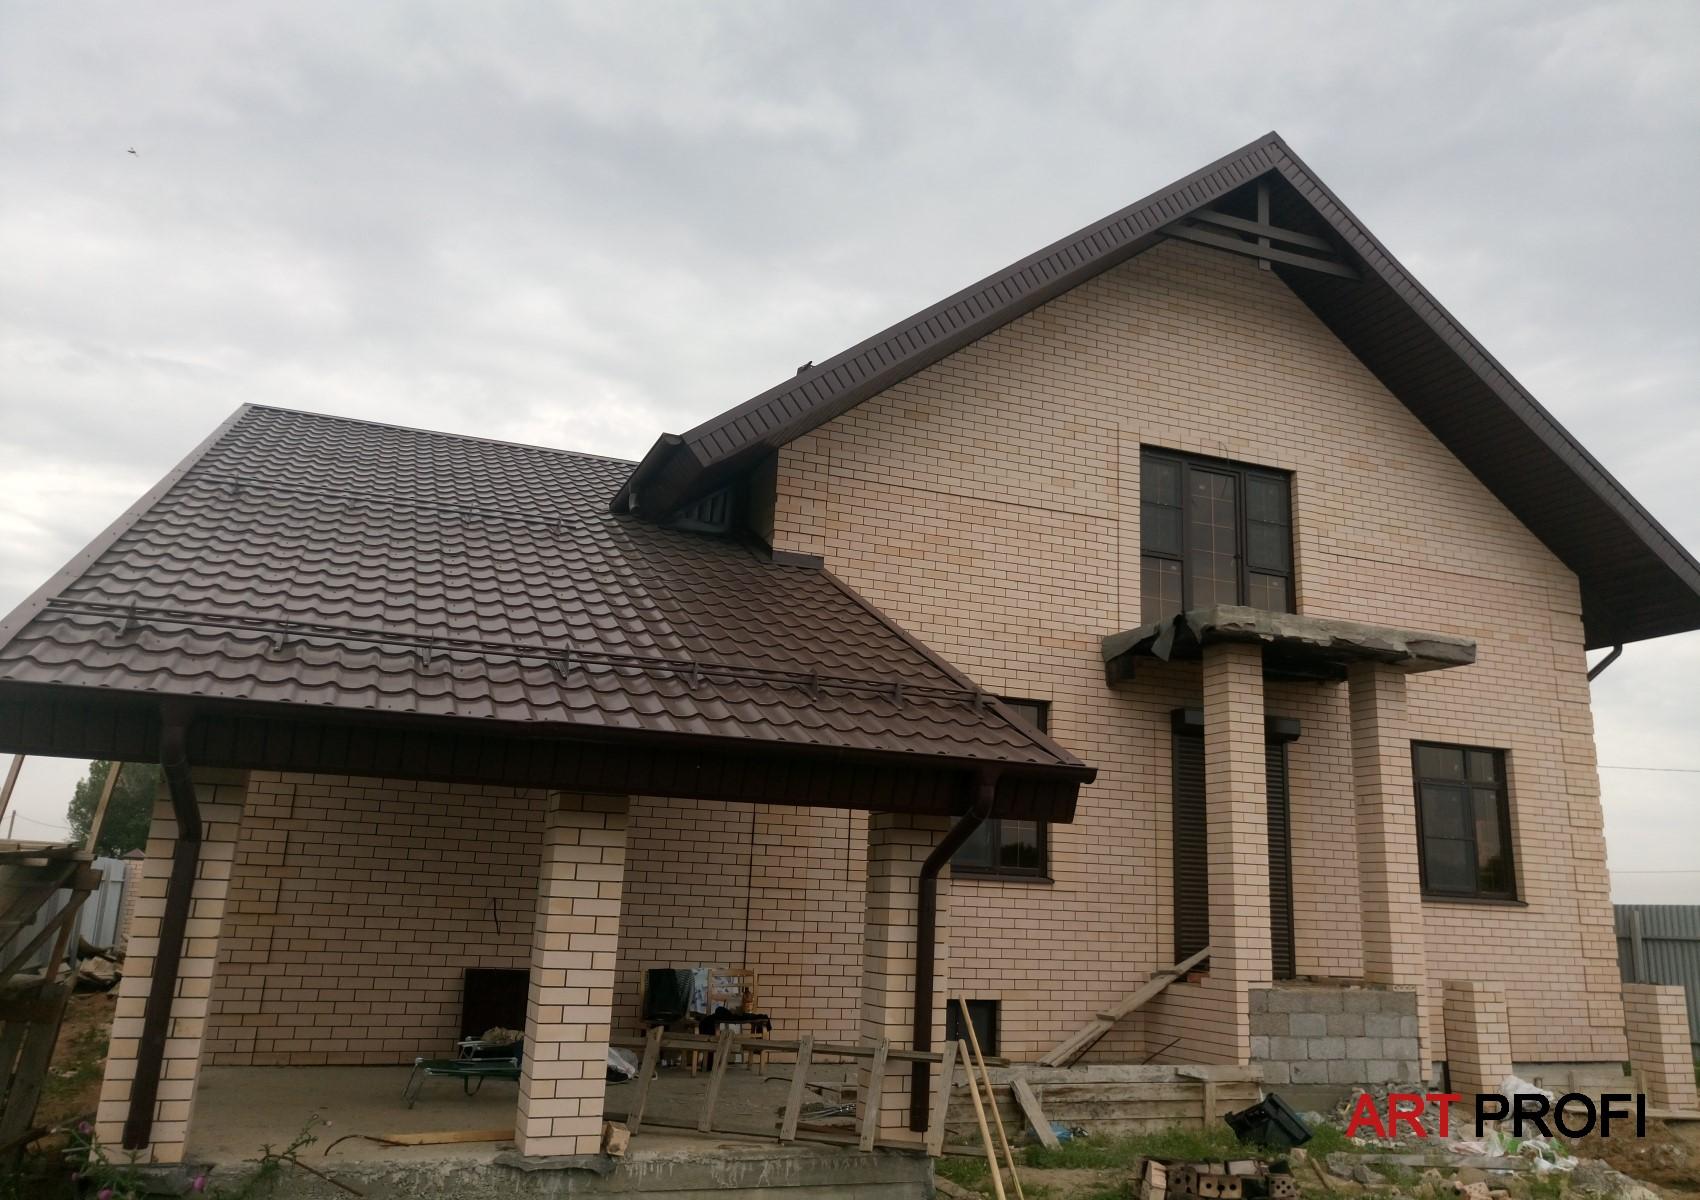 Строительство домов. Терраса под основной крышей.